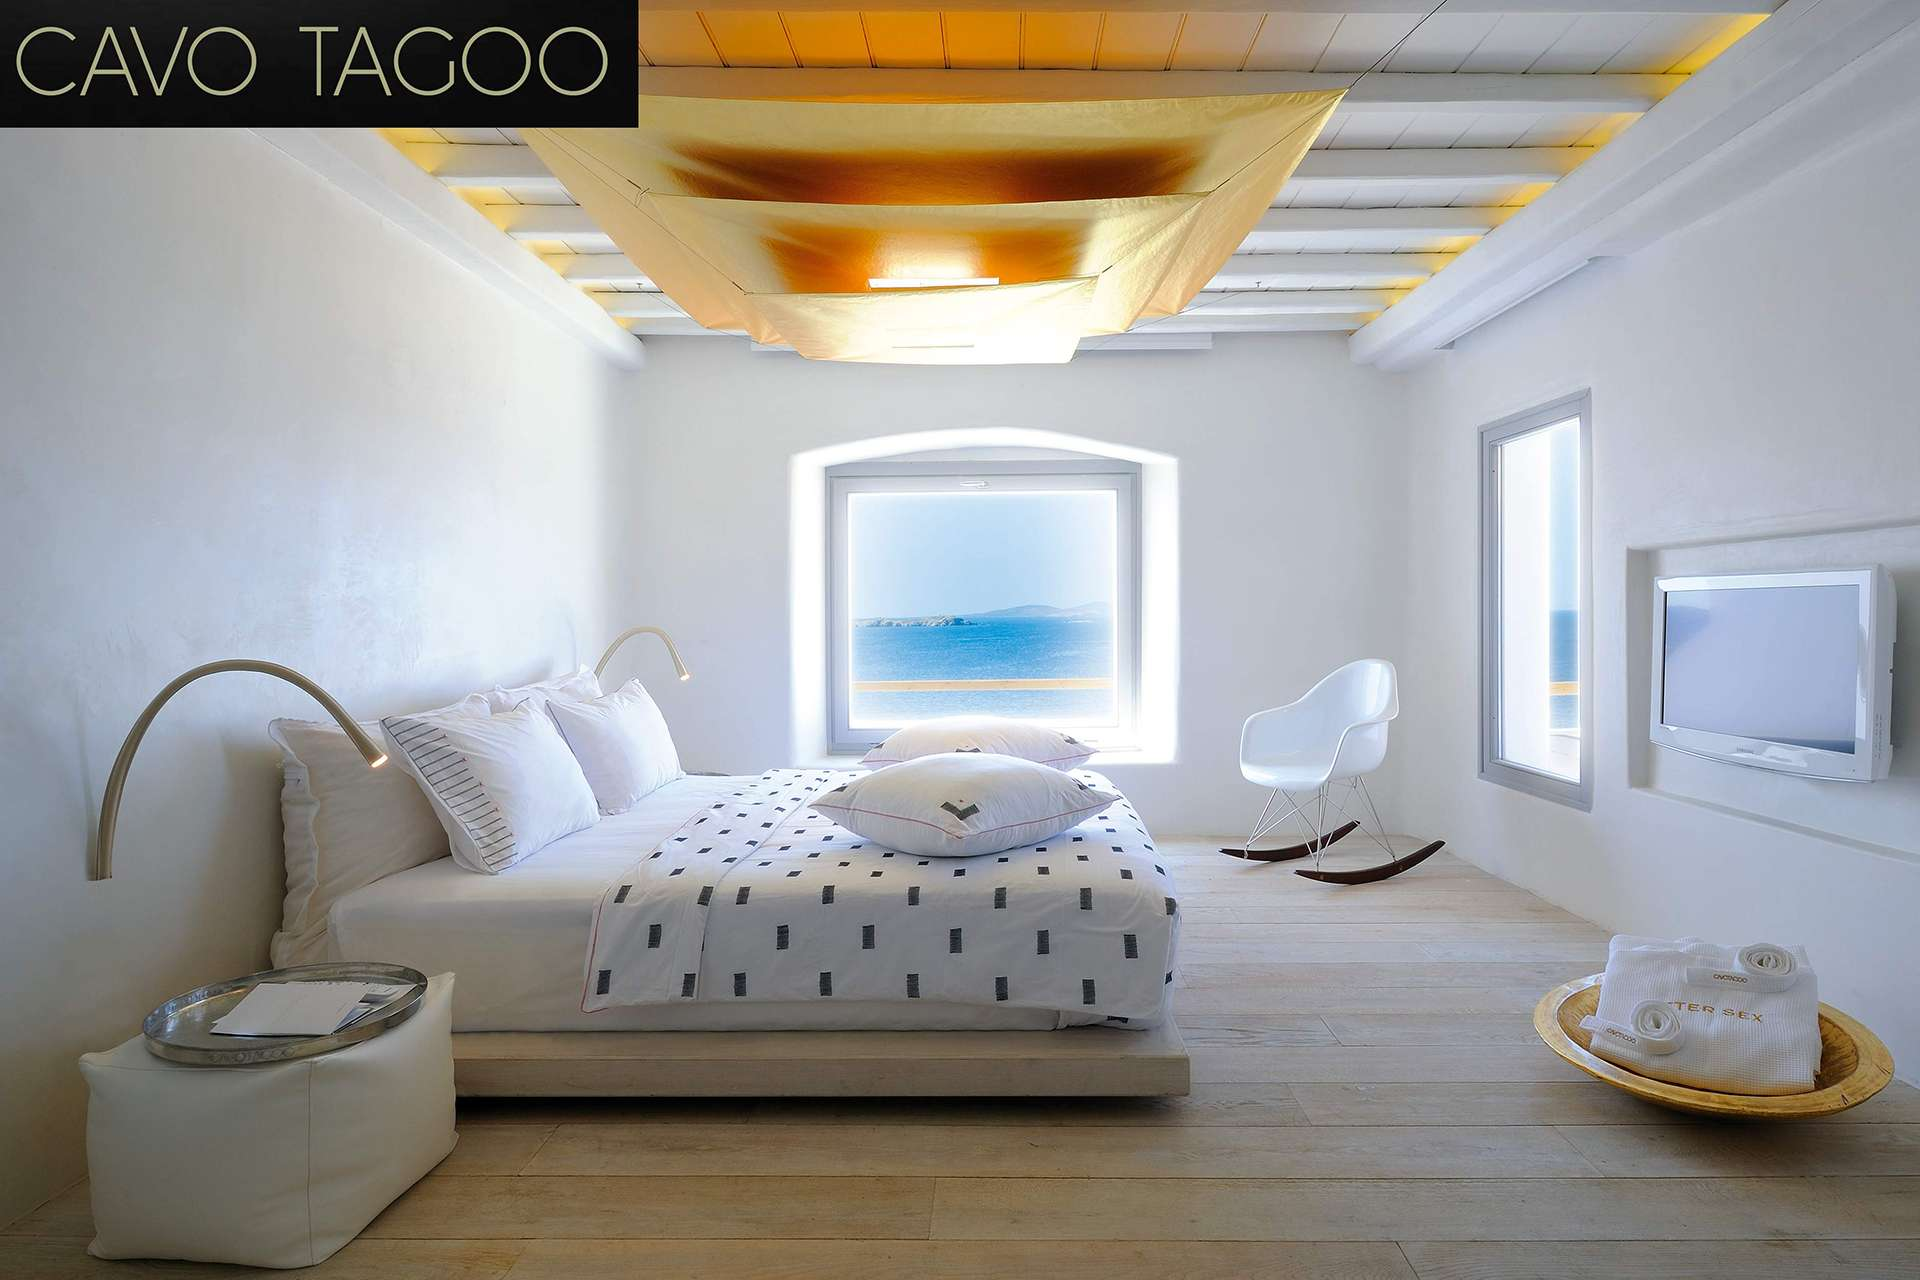 Cavo Tagoo Hotel Mykonos